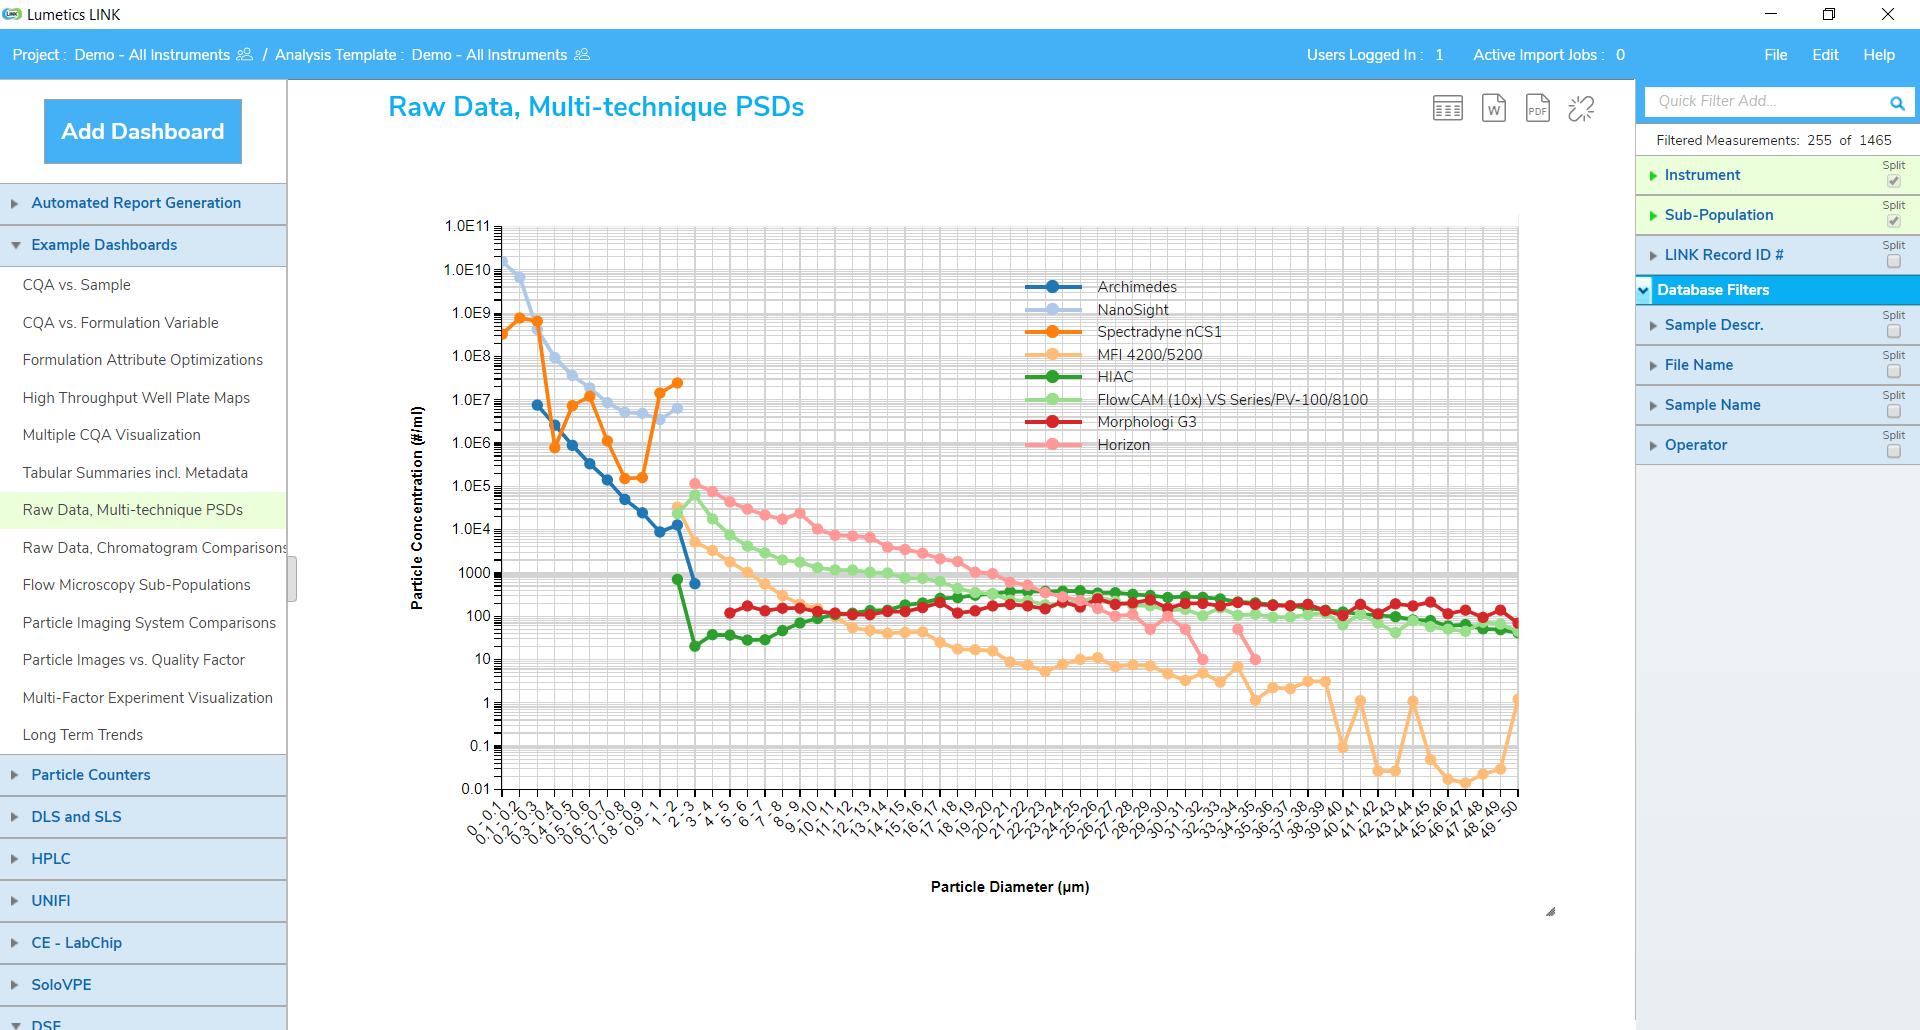 Raw Data, Multi-Technique PSDs